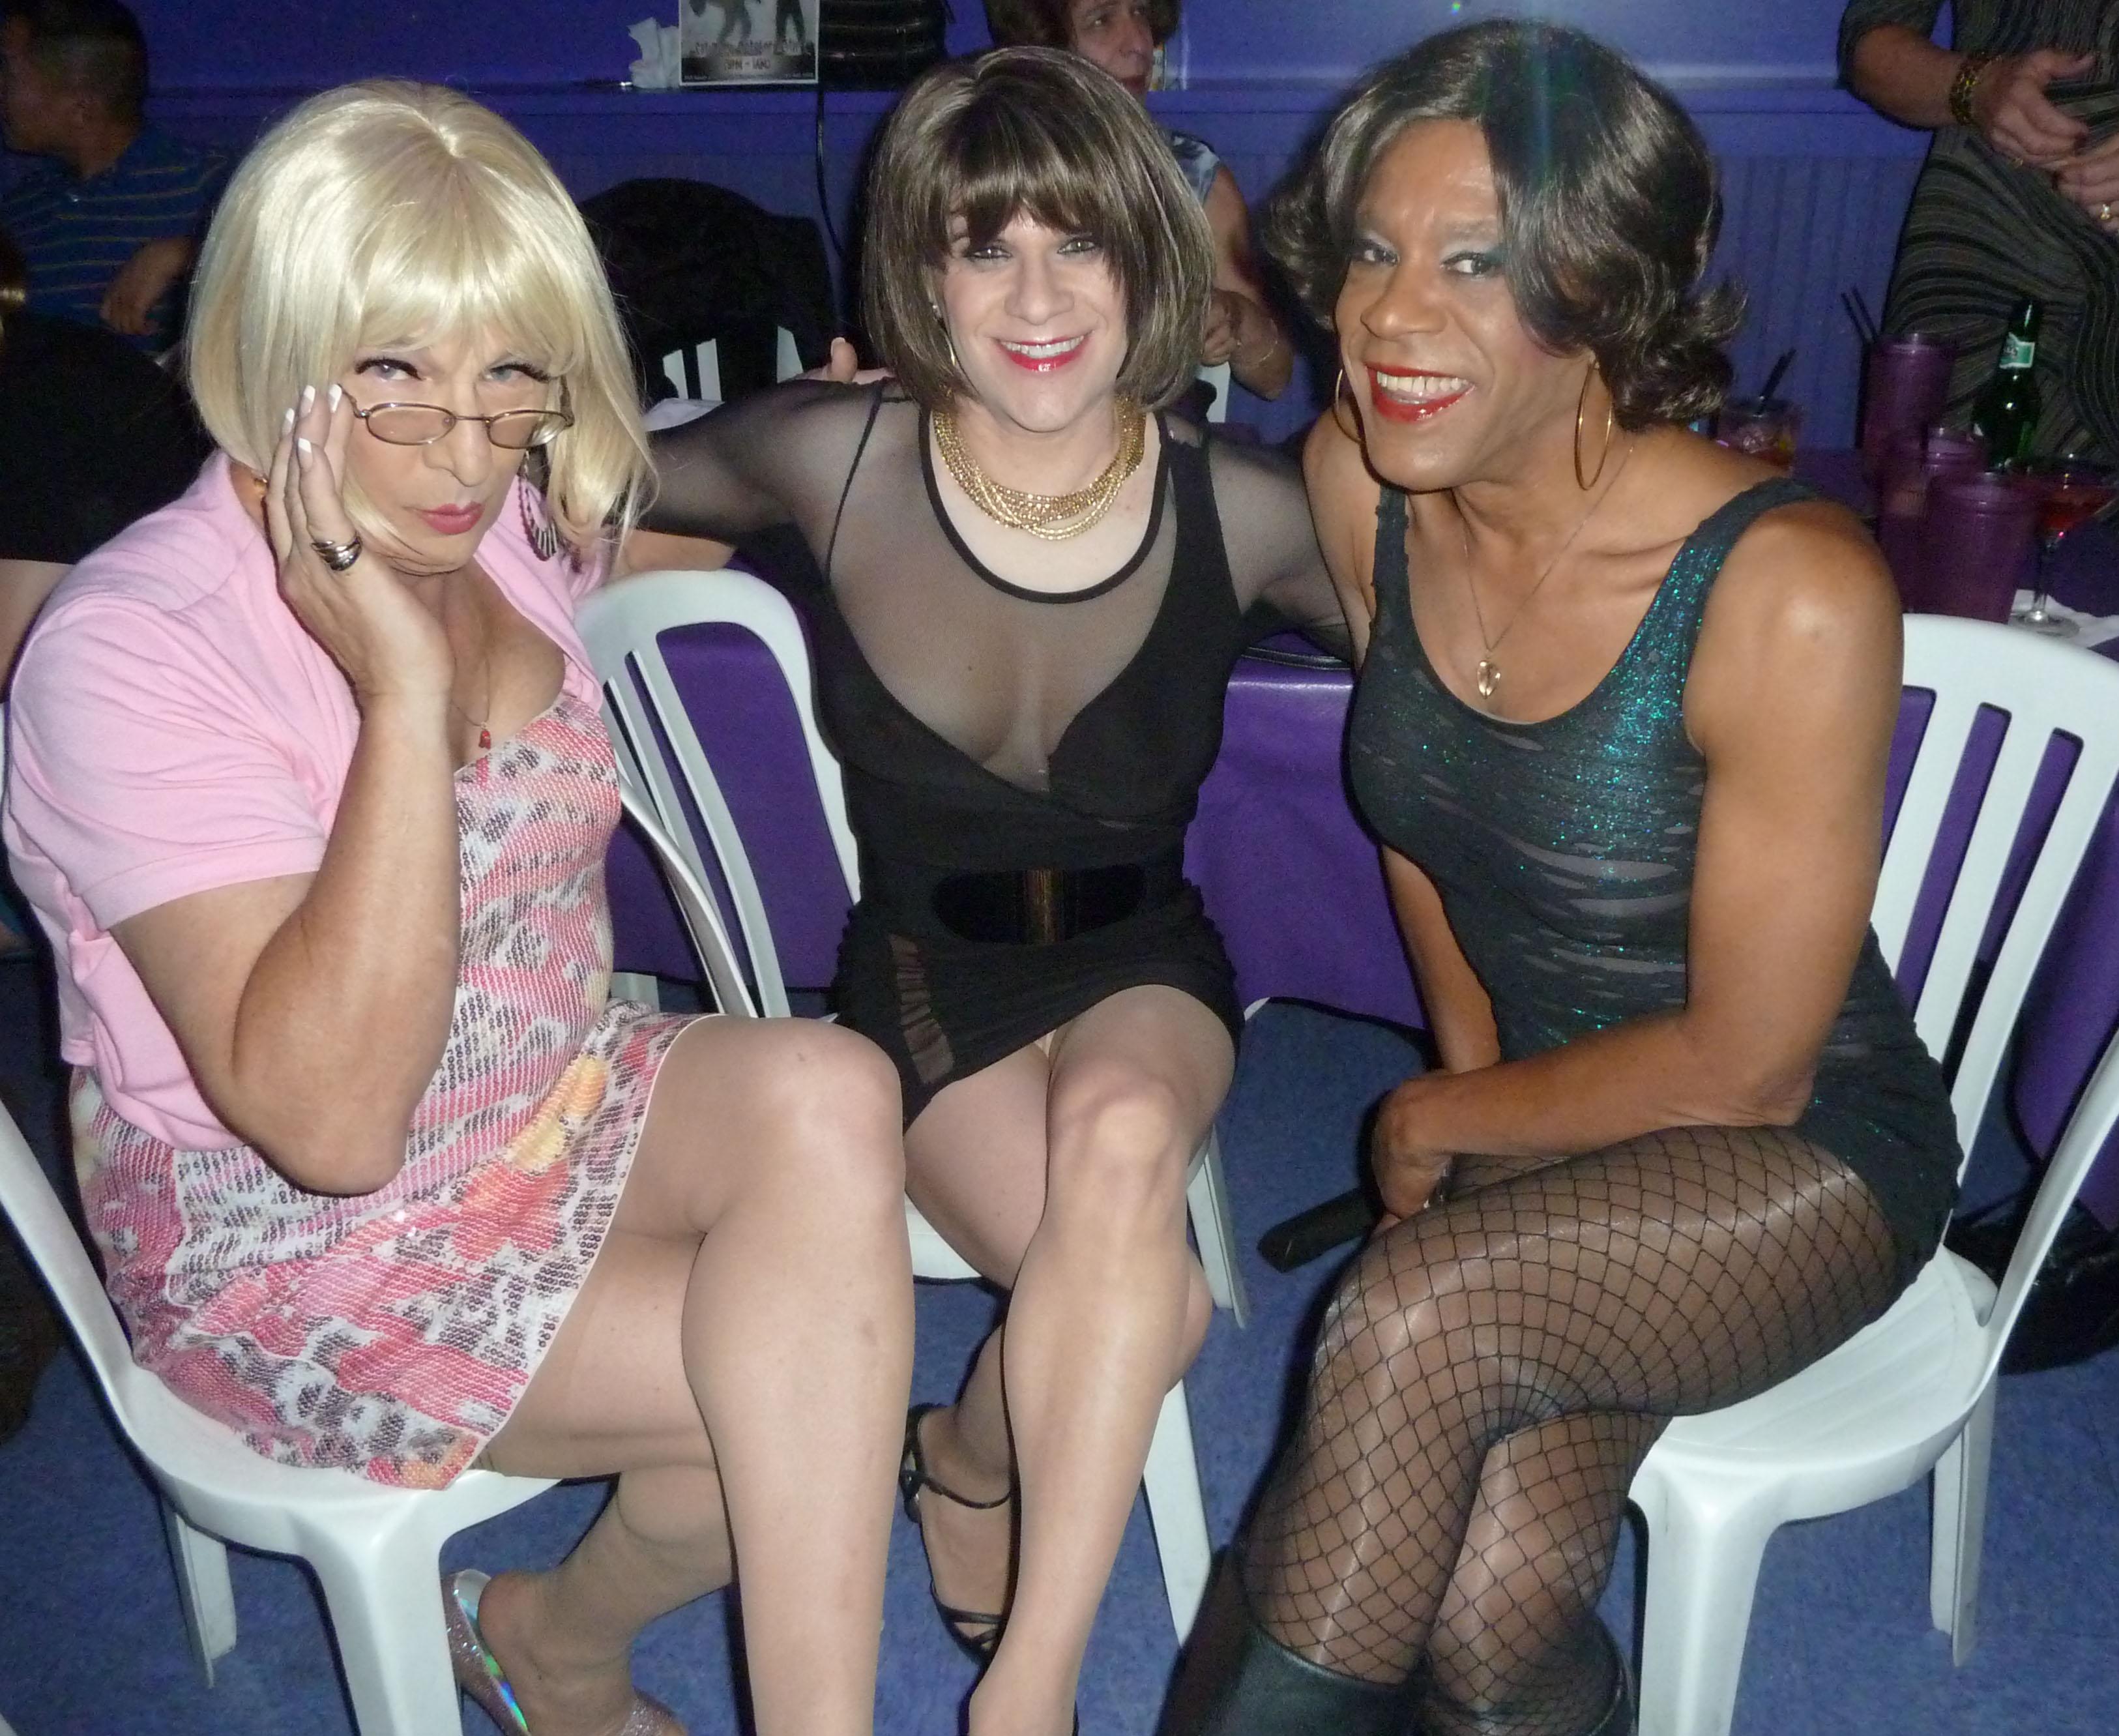 Pantyhose Club wallpaper : minidress, pantyhose, friendship, pumps